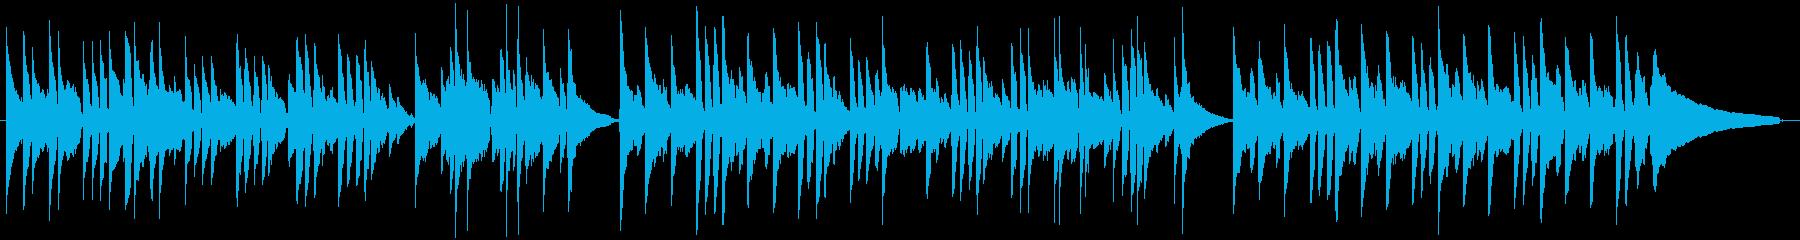 アコースティックギターのスローな曲の再生済みの波形